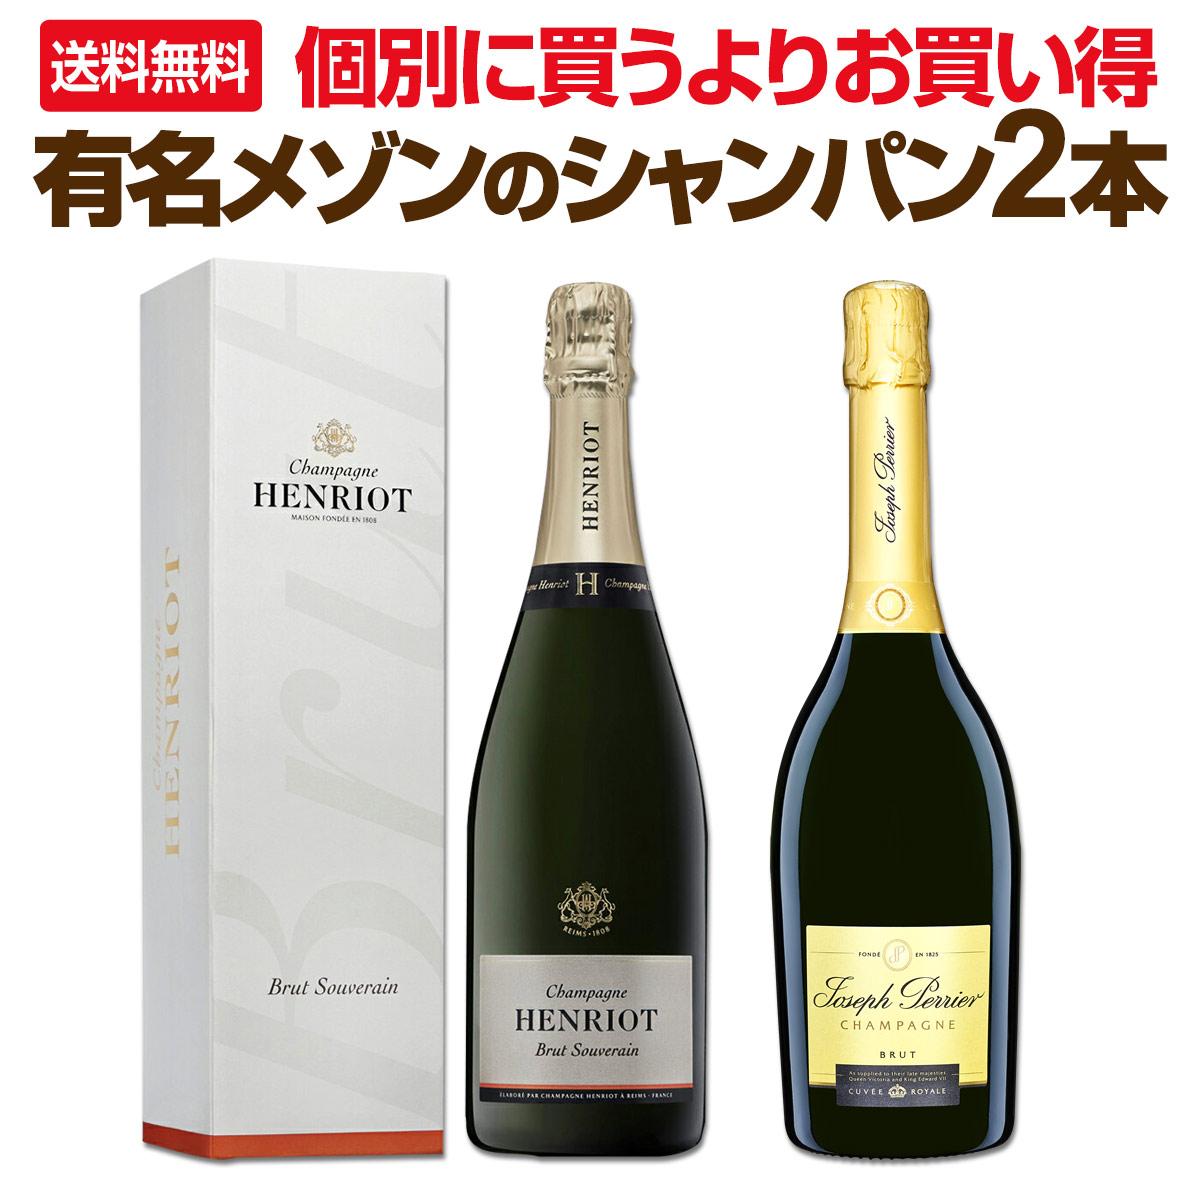 【送料無料】超お買い得!有名メゾンのシャンパン2本セット!